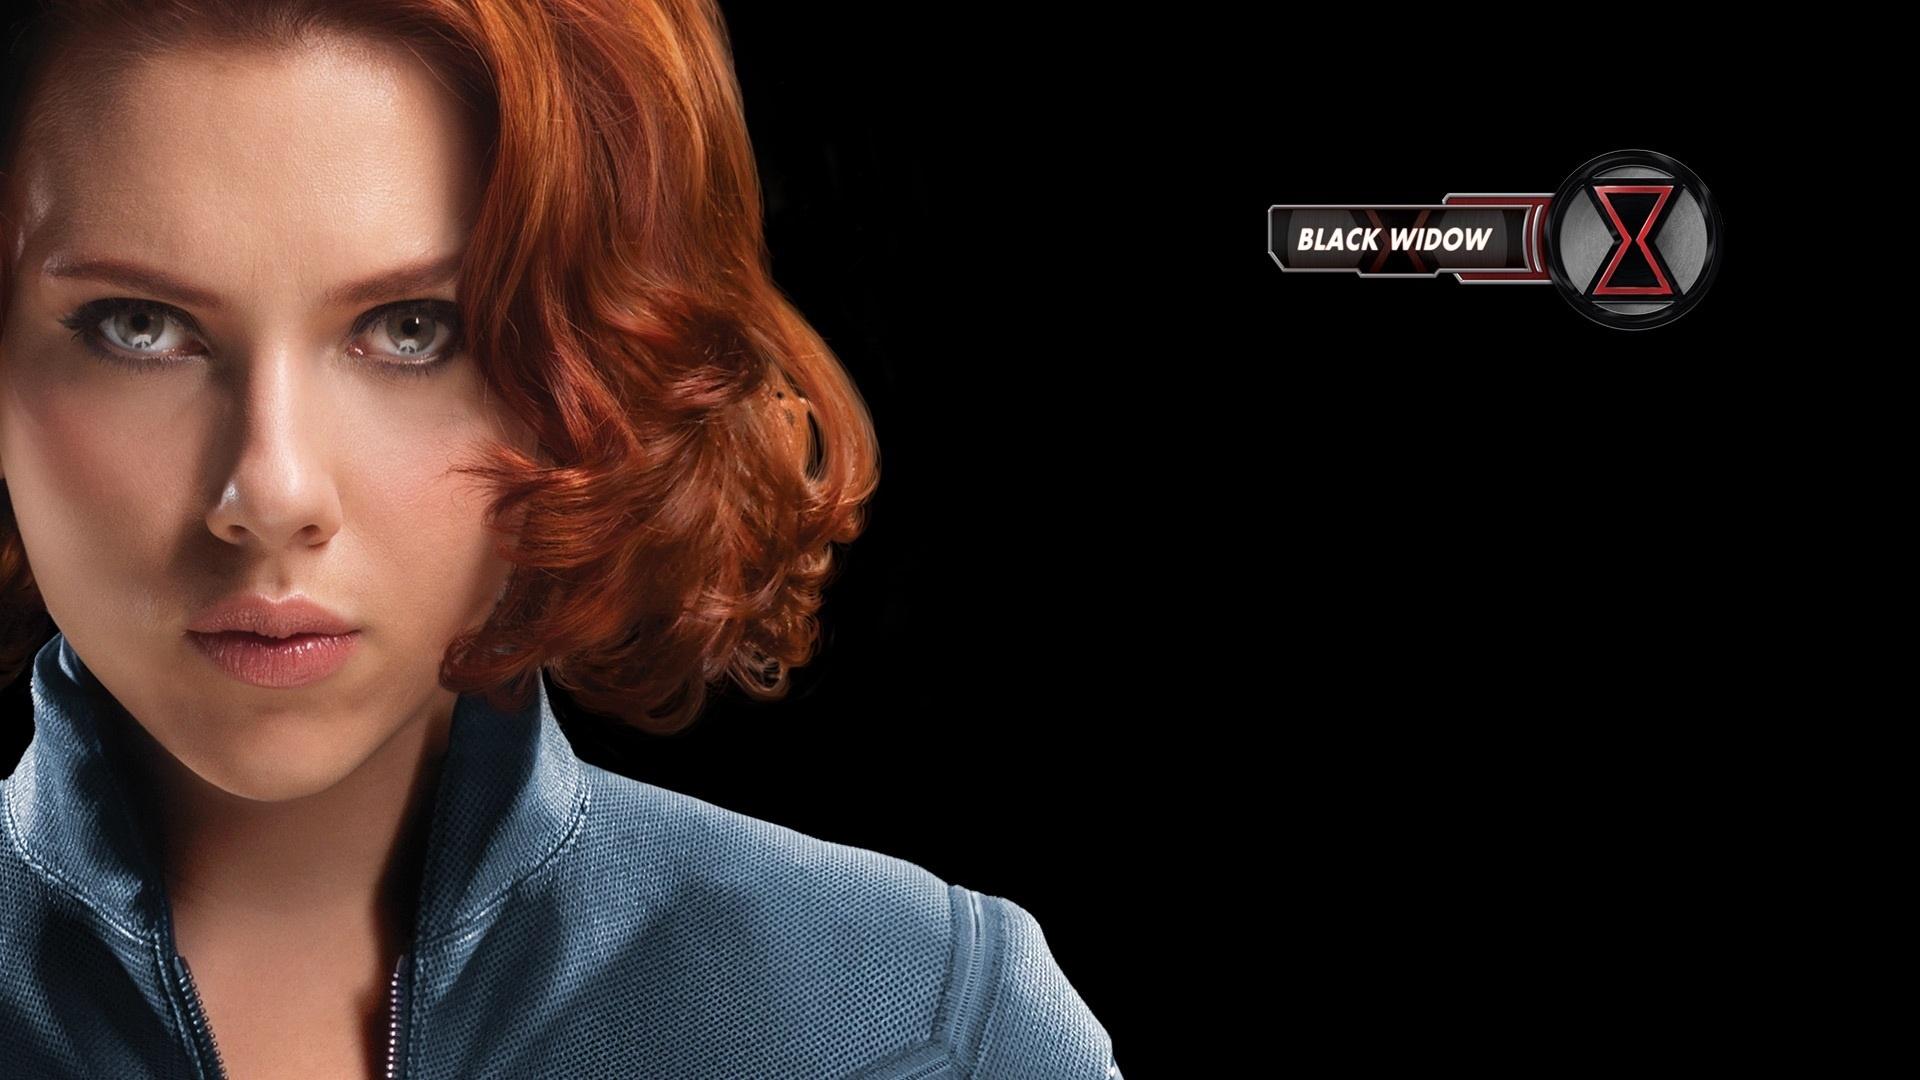 Kevin Feige confirma el compromiso a una película de Black Widow